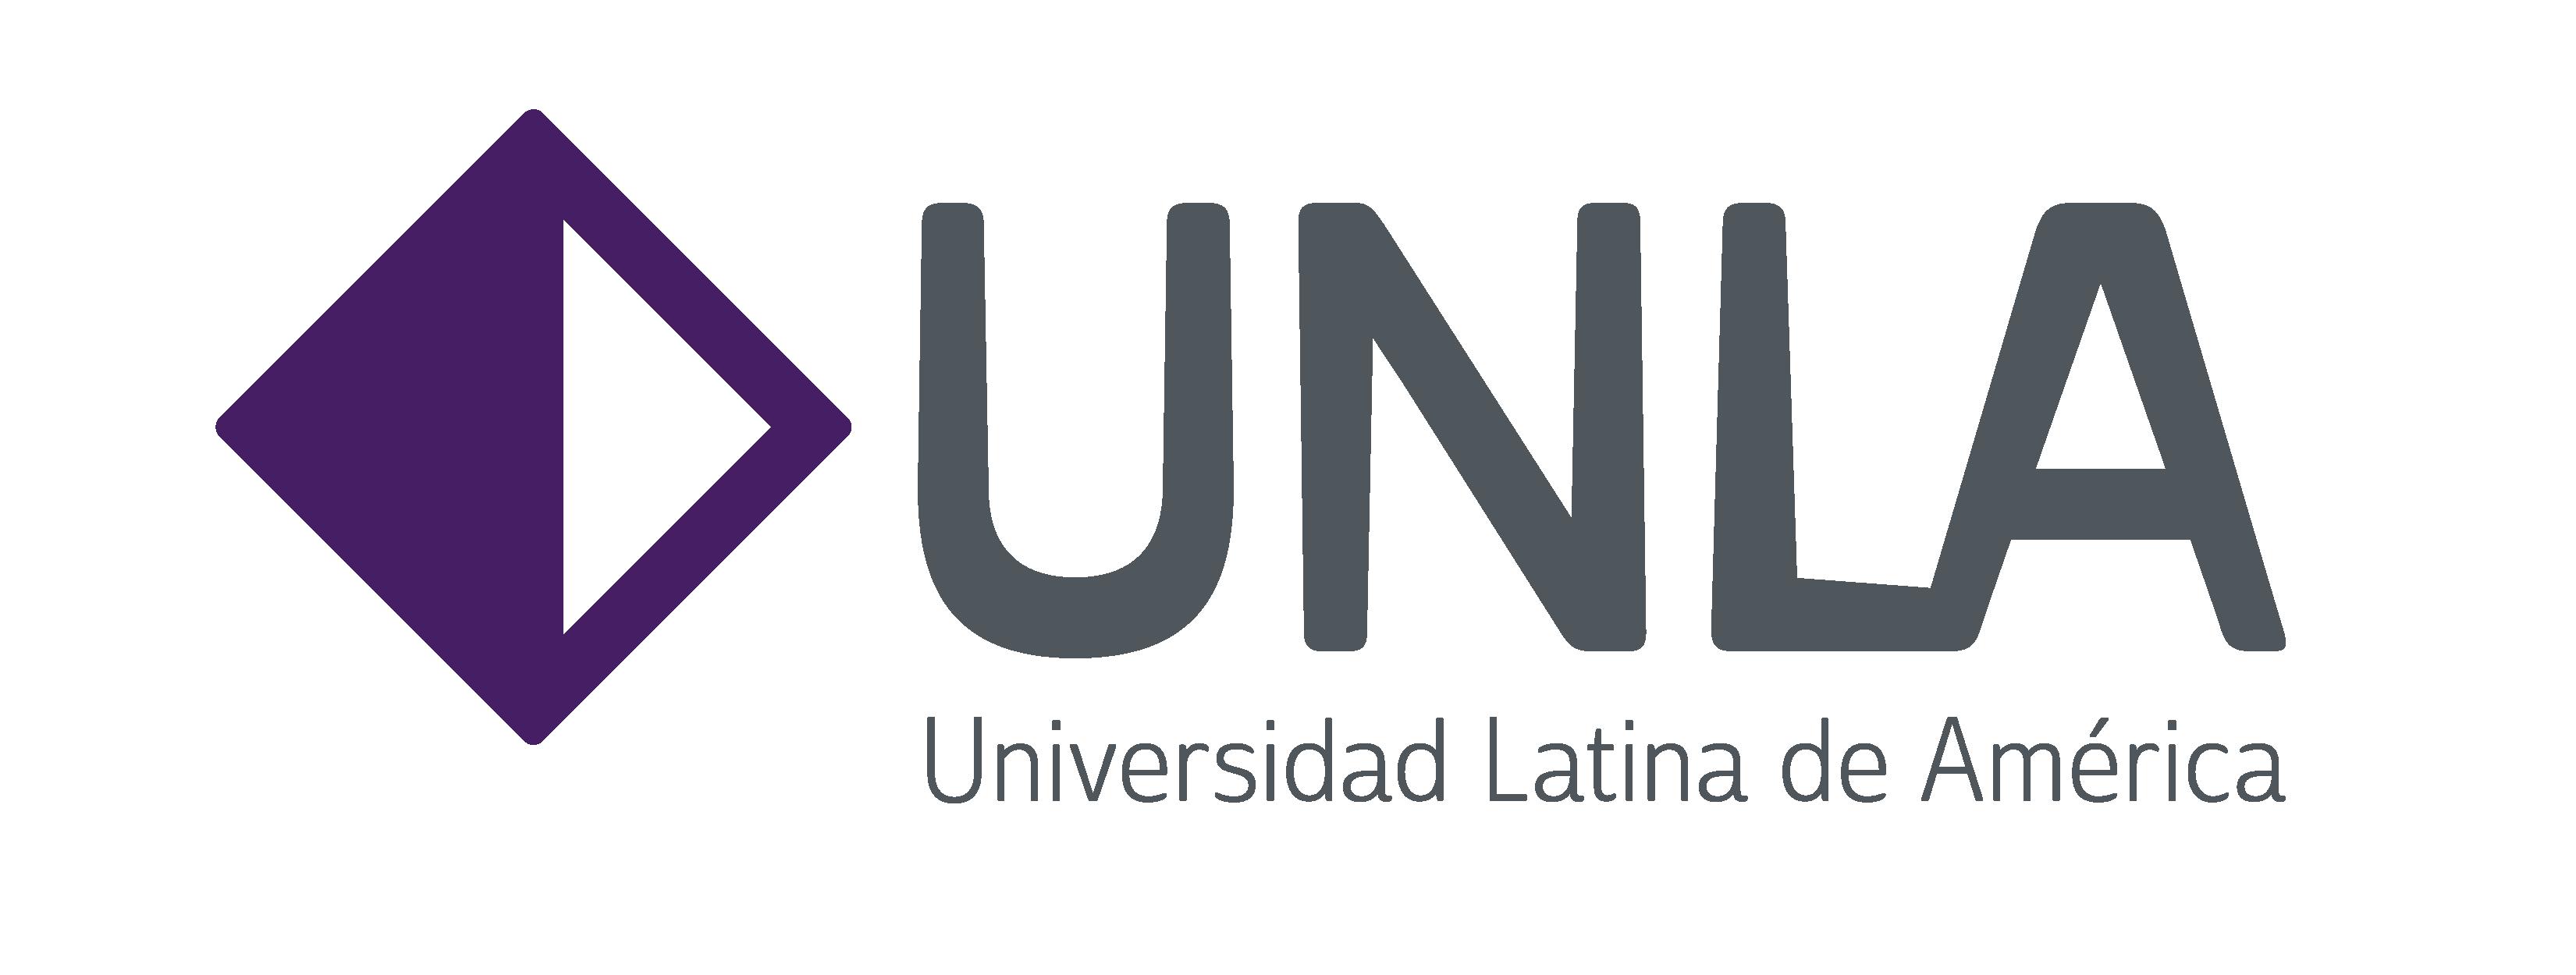 Universidad Latina de América